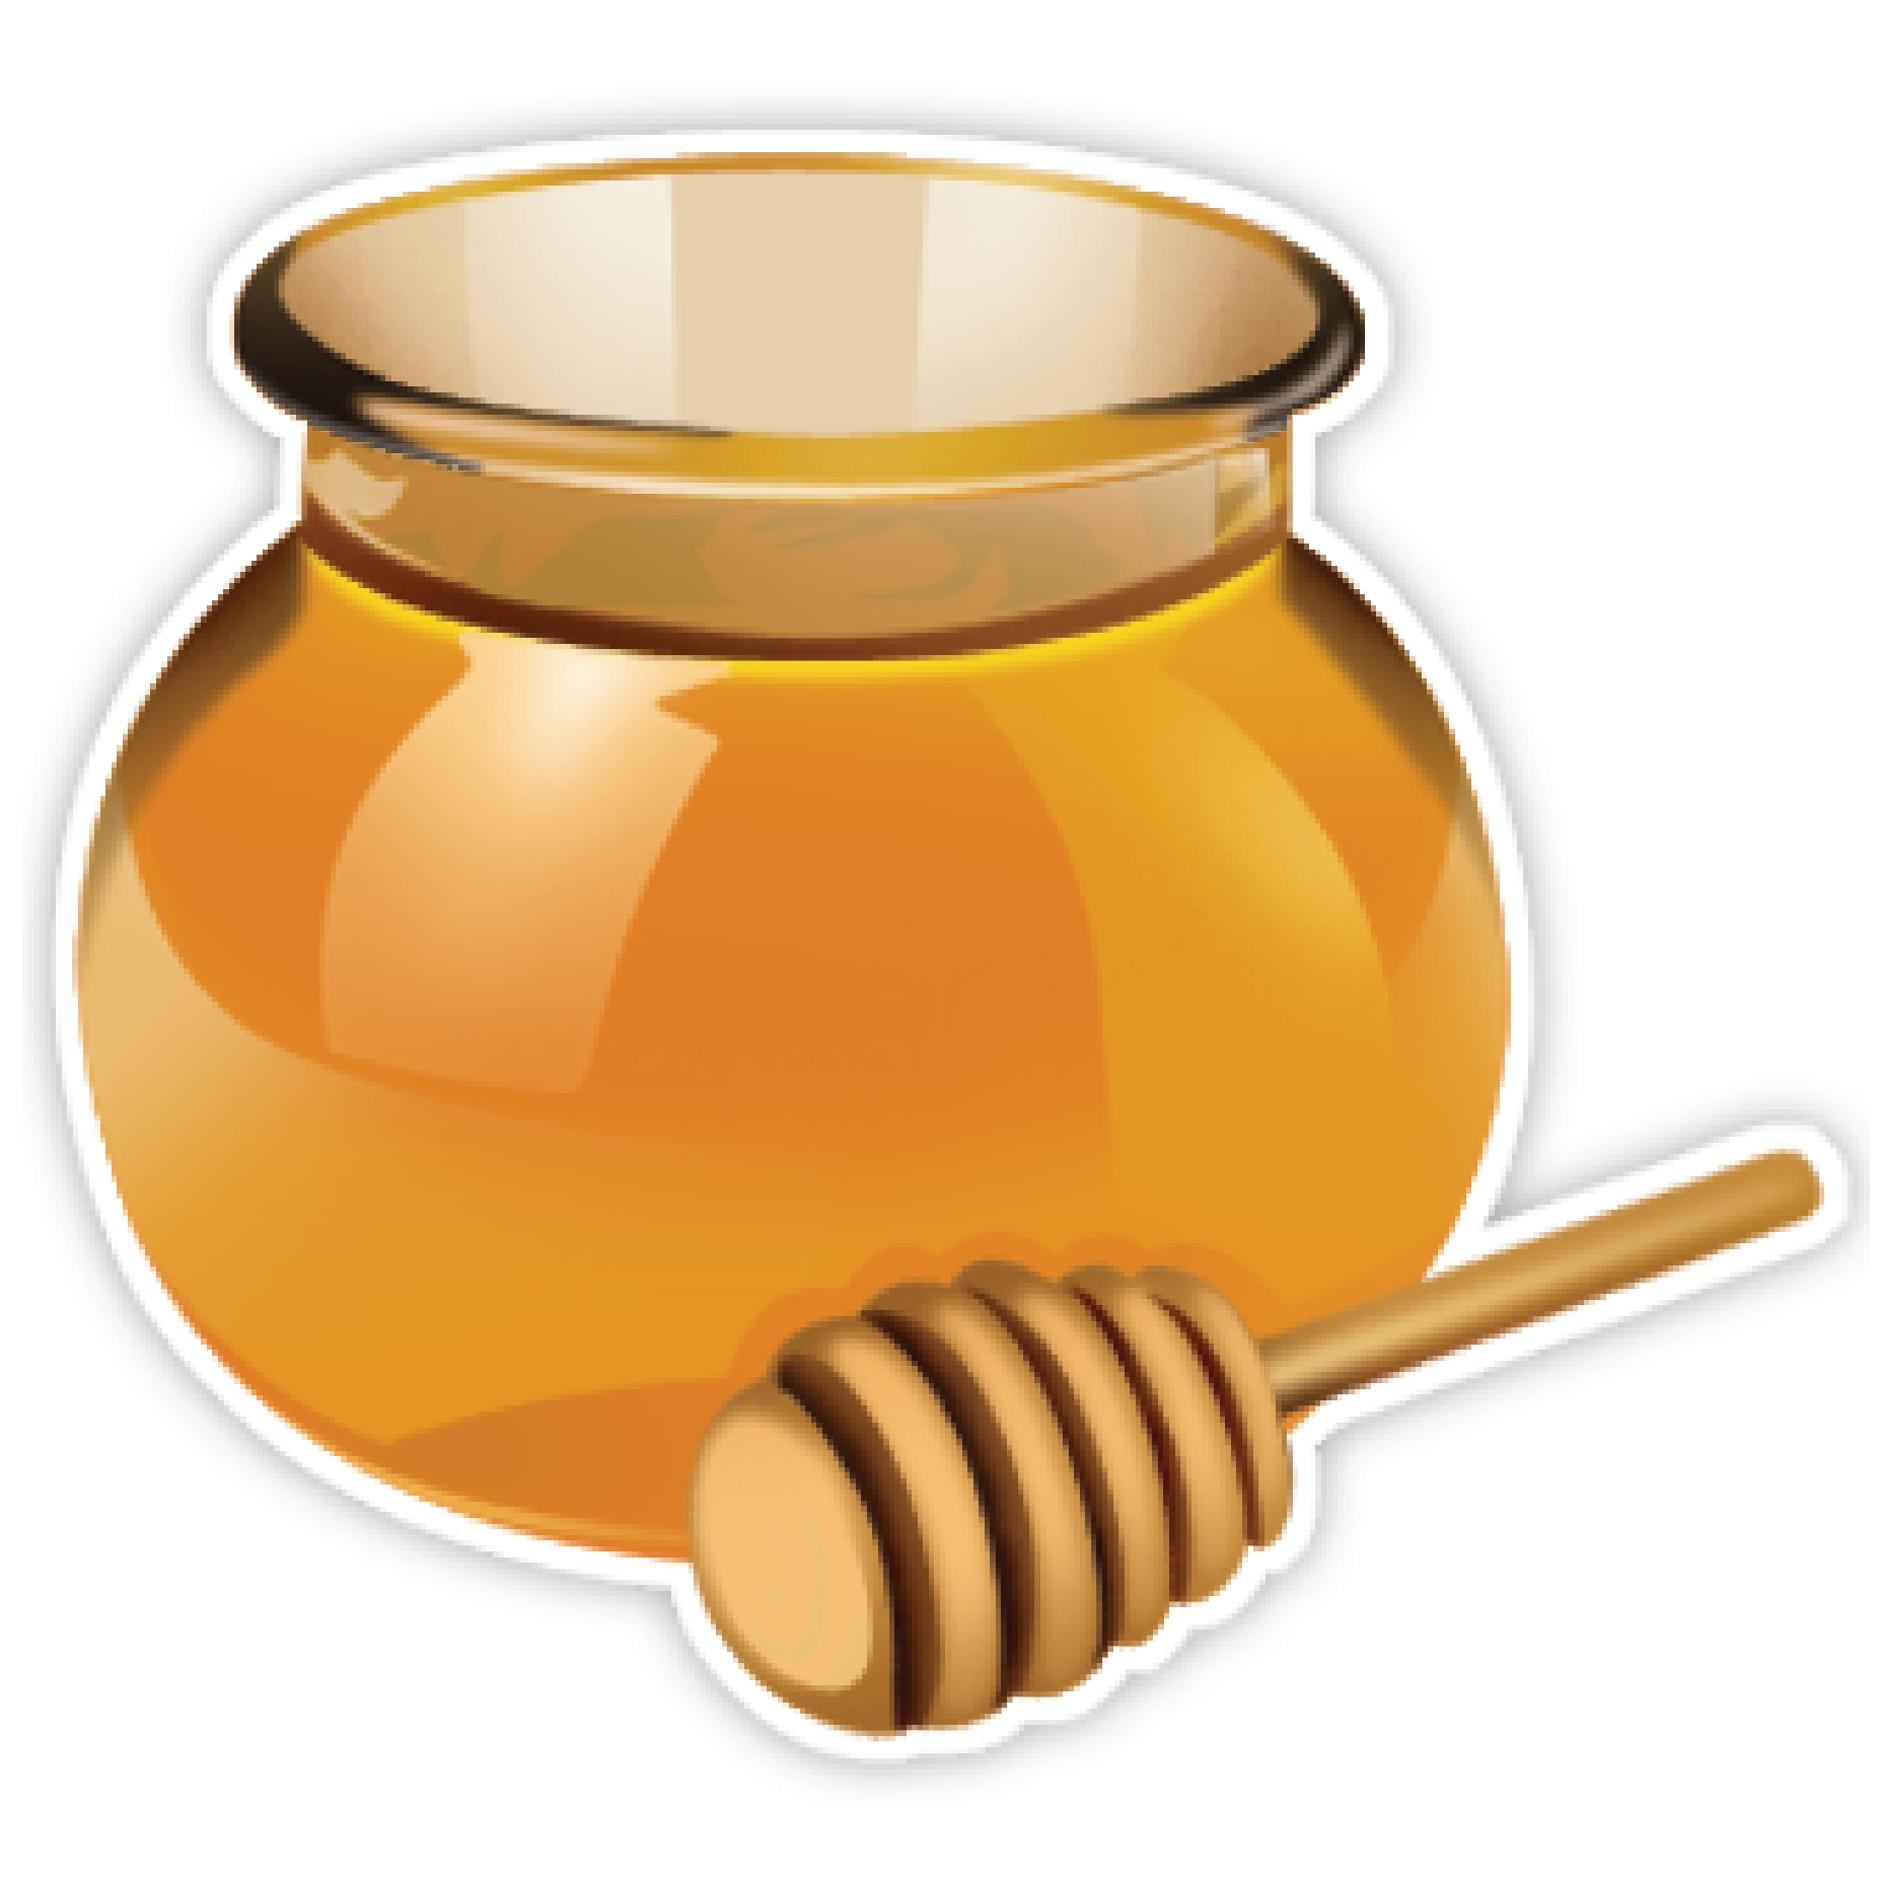 clipart honey - photo #7